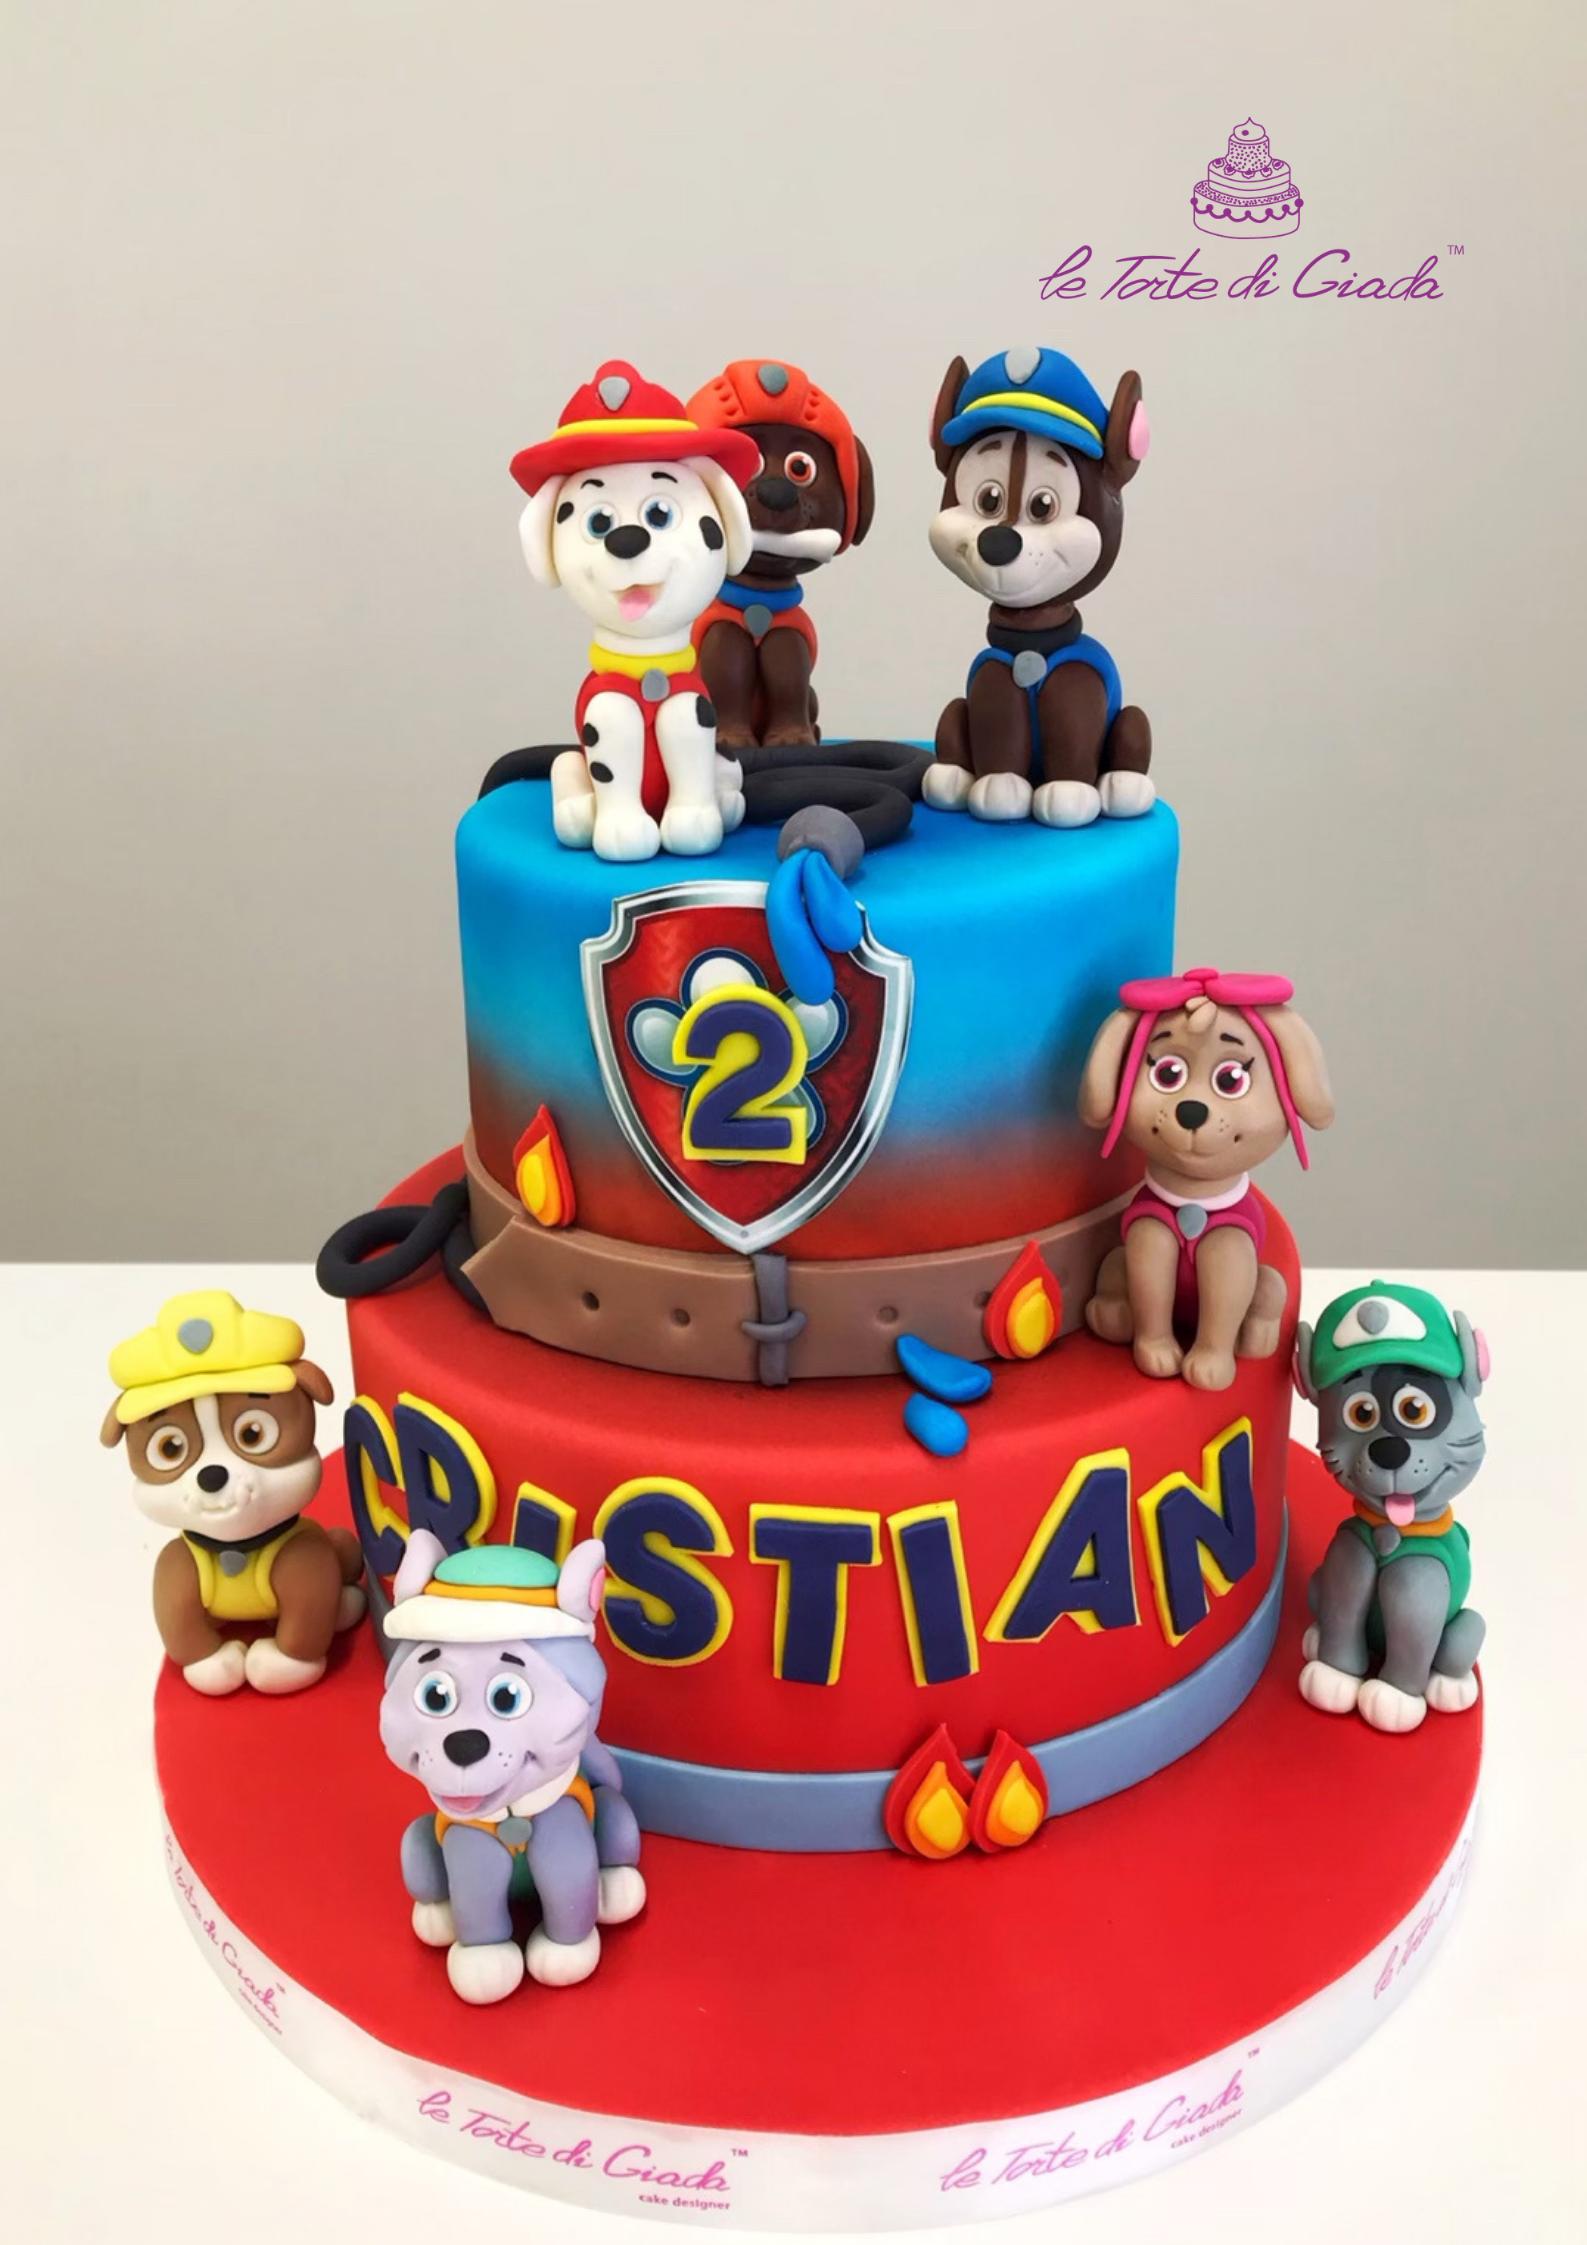 compleanno brescia torta cake design paw patrol